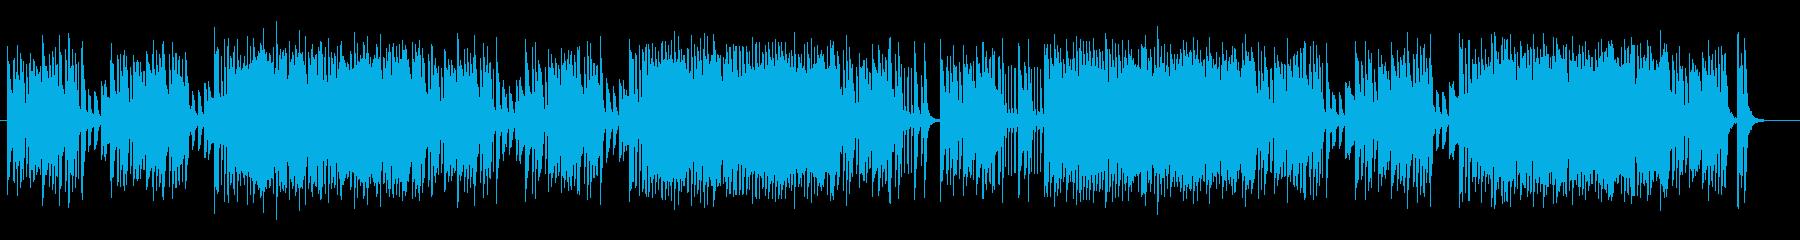 弾むようなメロディがかわいらしいポップスの再生済みの波形